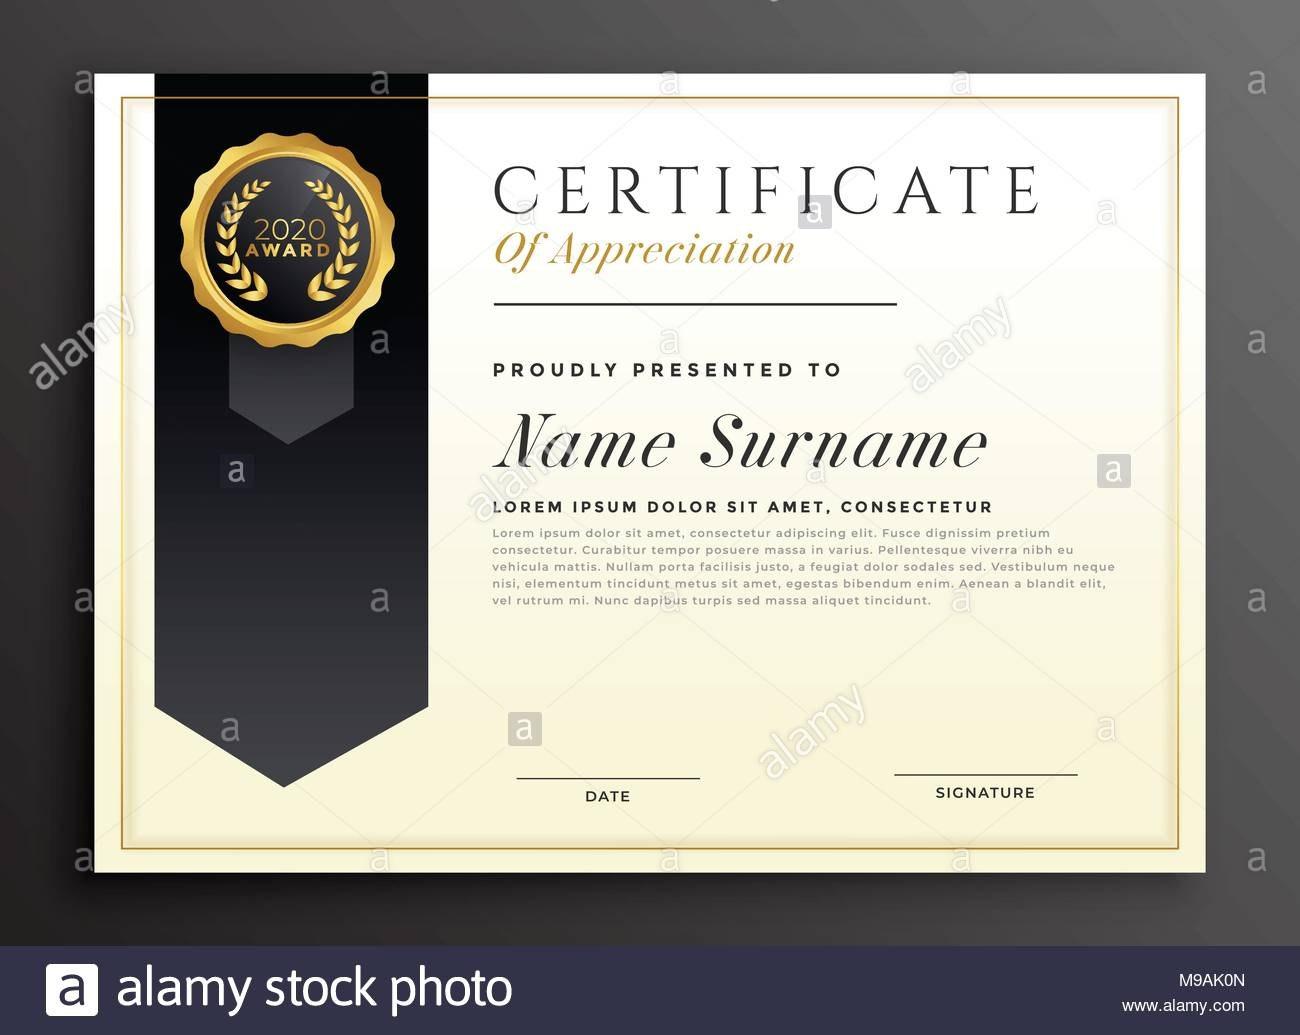 Elegante Diplom Award Certificate Template Design Vektor Abbildung For Award Certificate Design Template